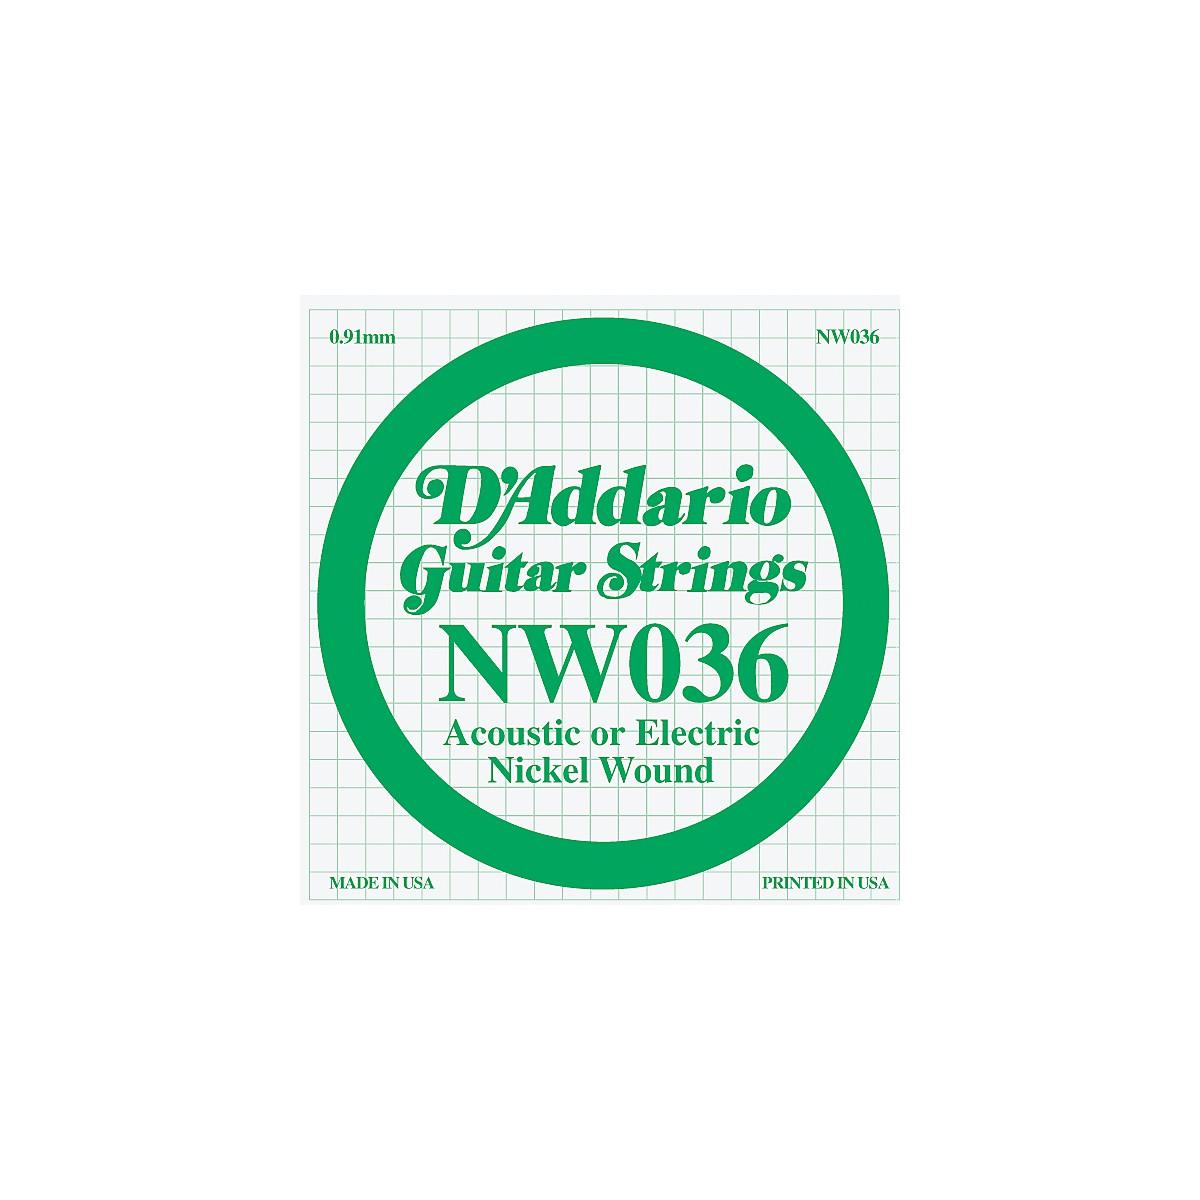 D'Addario Nickel Wound Single String